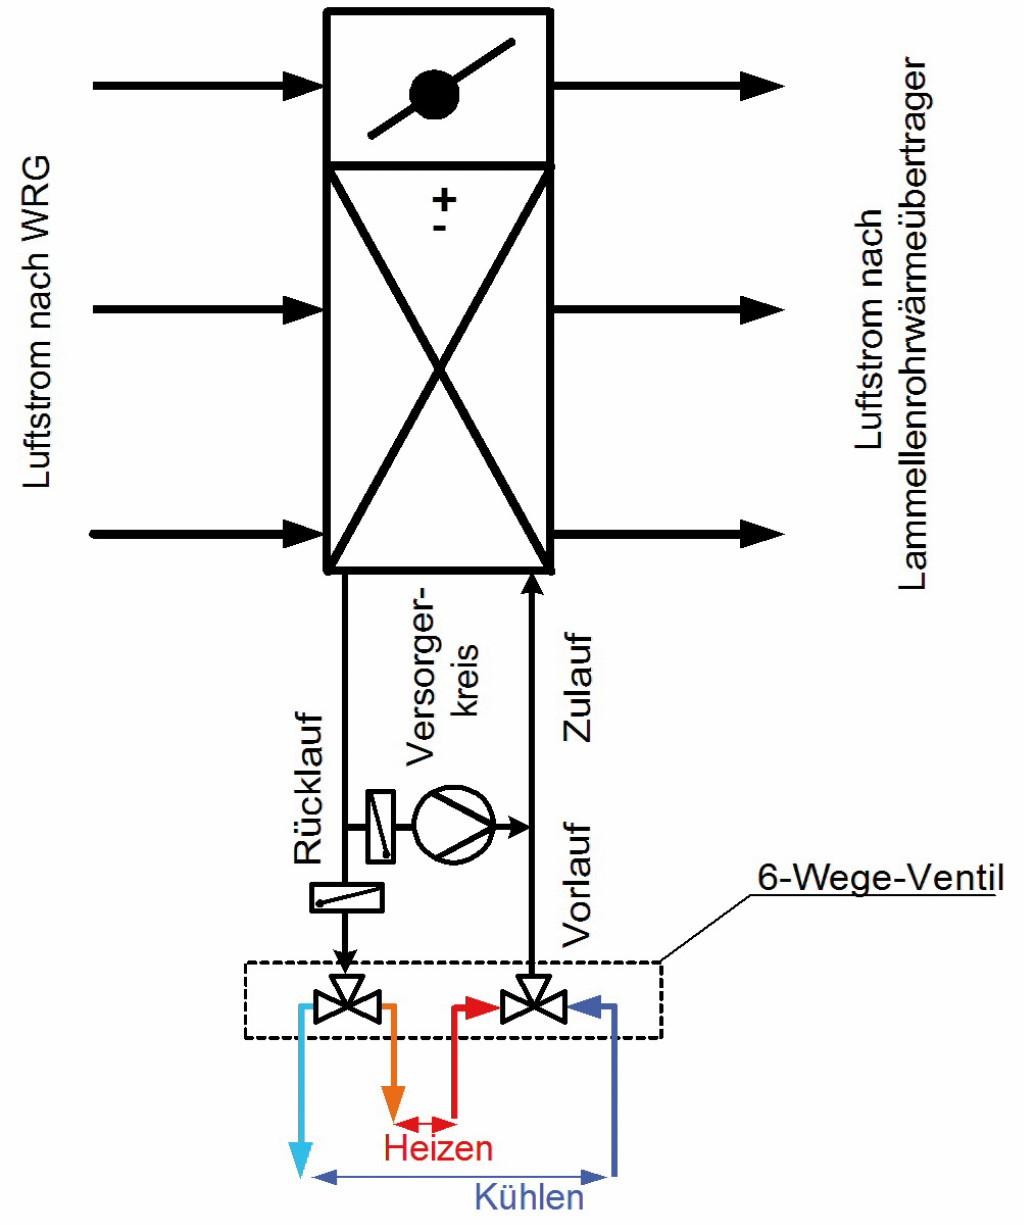 Schematische Darstellung eines Wärmeübertragers zur Lufterhitzung oder Luftkühlung mit gleichzeitiger Regelmöglichkeit der Zulaufmenge mittels 6-Wege-Ventil und der Zulauftemperatur durch Rücklaufbeimischung mittels Drehzahl geregelter Bypasspumpe; der Vorlauf des Versorgerkreises wird durch Sekundärkreispumpen (hier nicht dargestellt) versorgt. Bild: Feustel